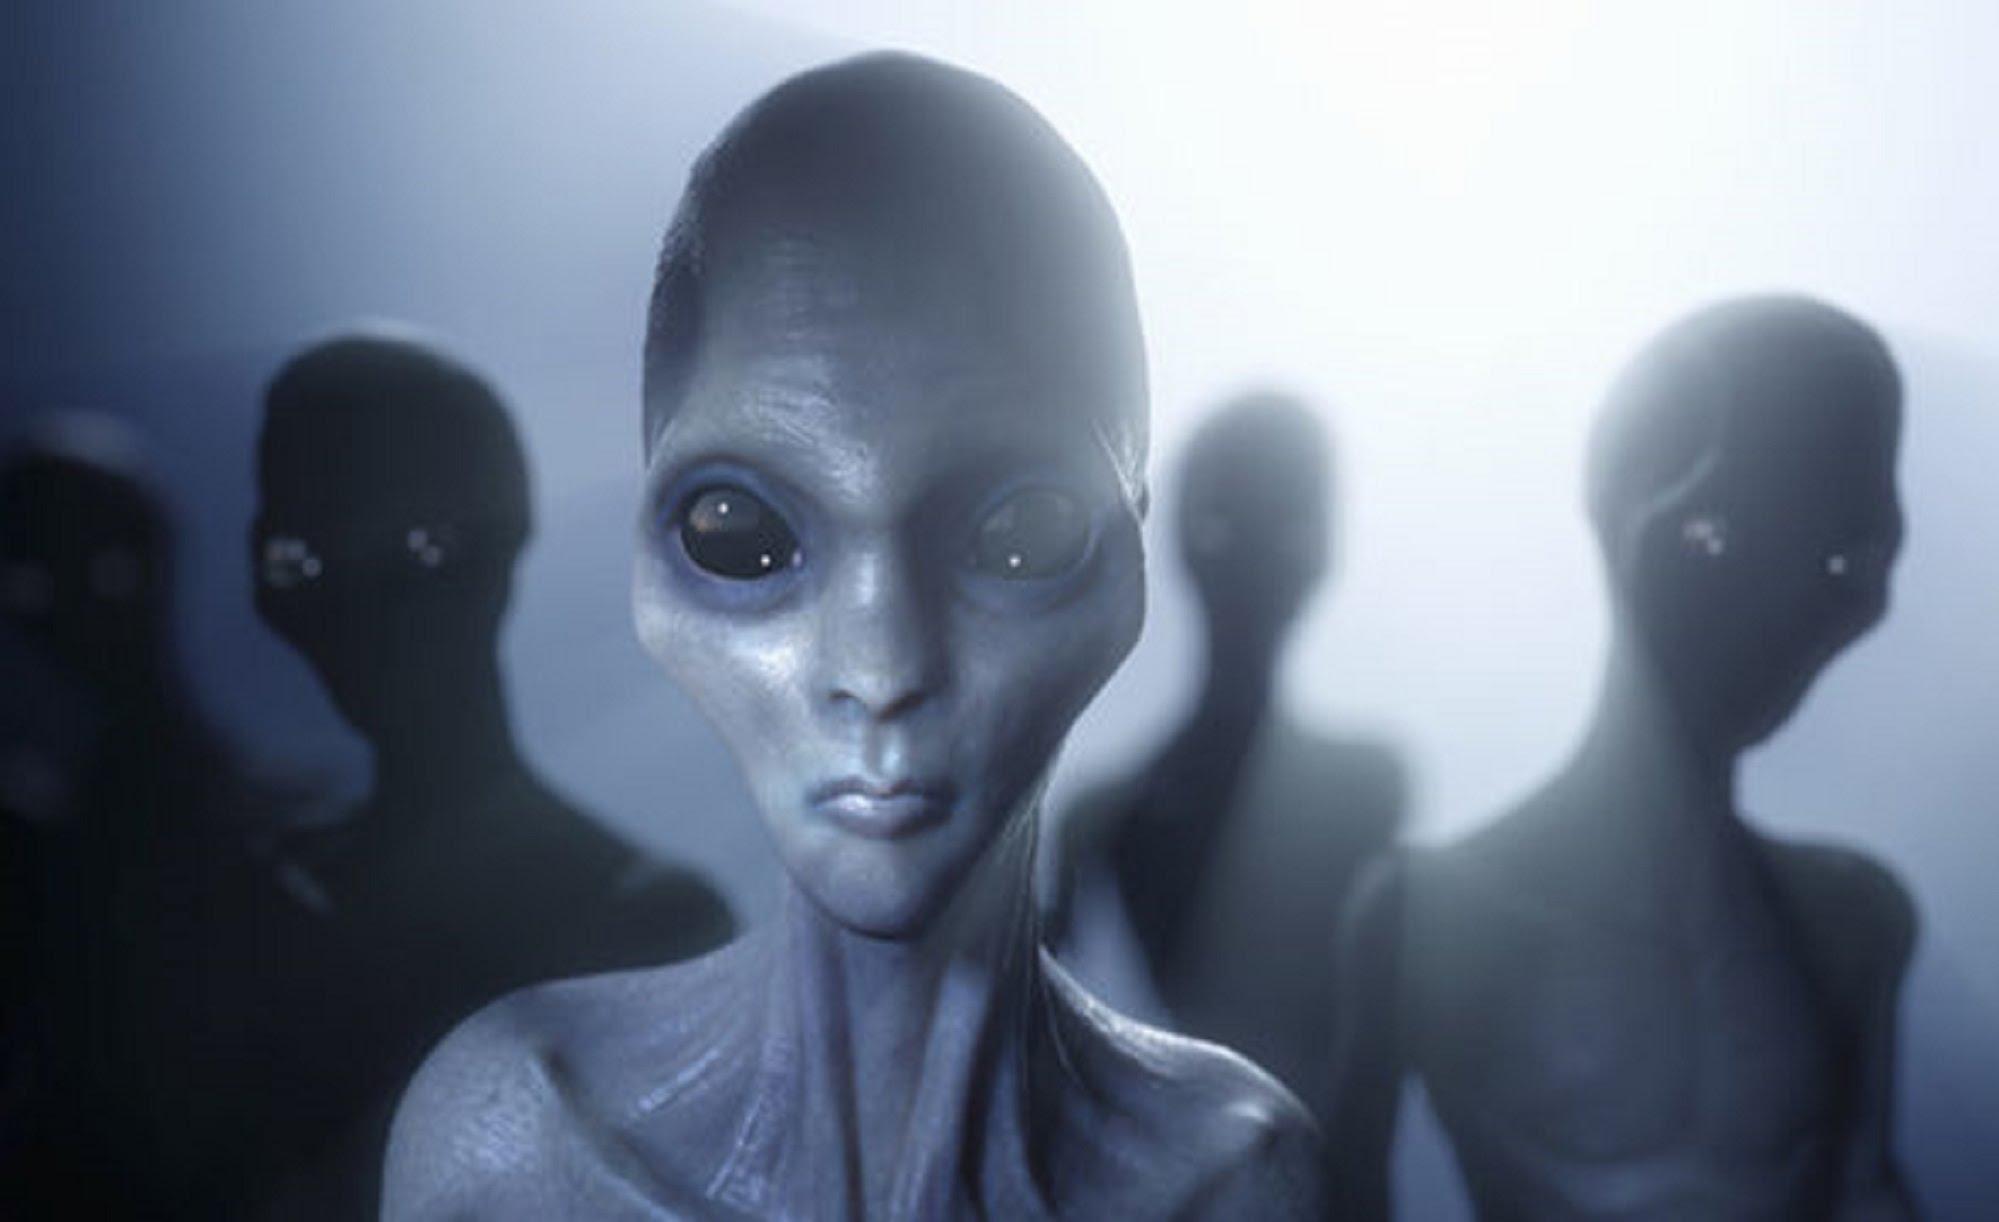 Papa ştie de existenţa extratereştrilor. Cel care a făcut publică  informația a murit la câteva luni. Hilary Clinton, implicată! | Antena 1